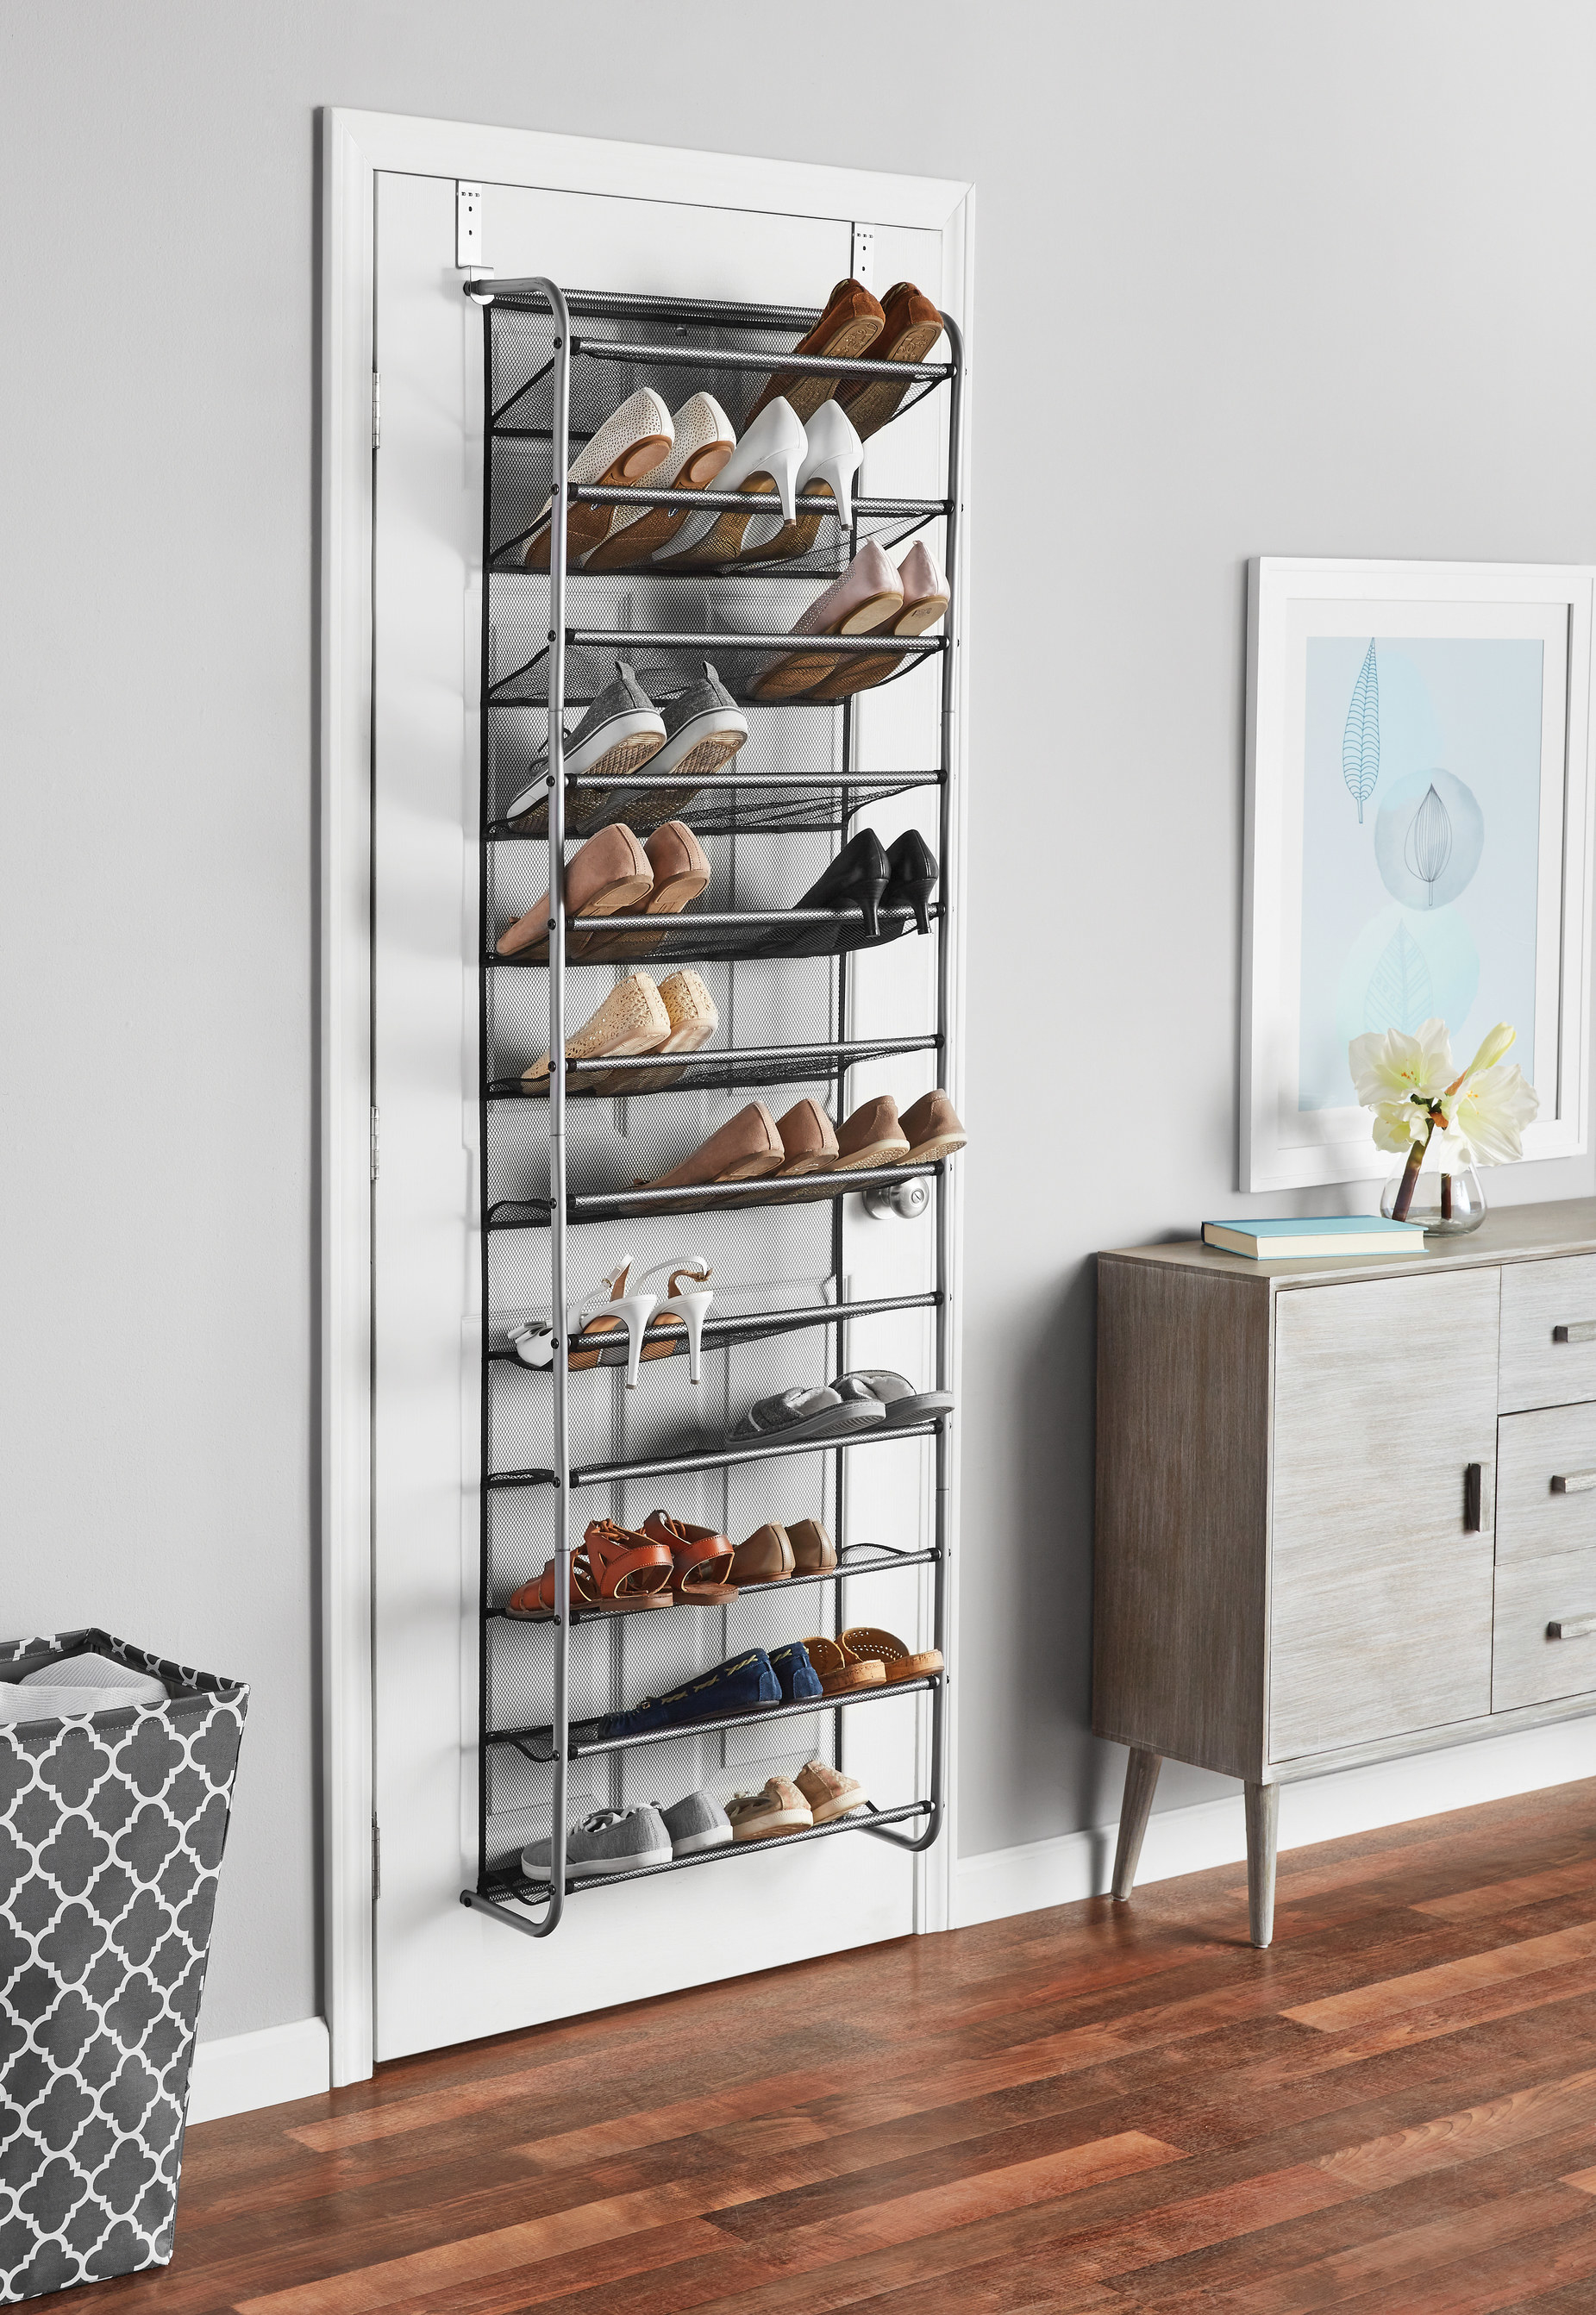 Theover-the-door shoe rack